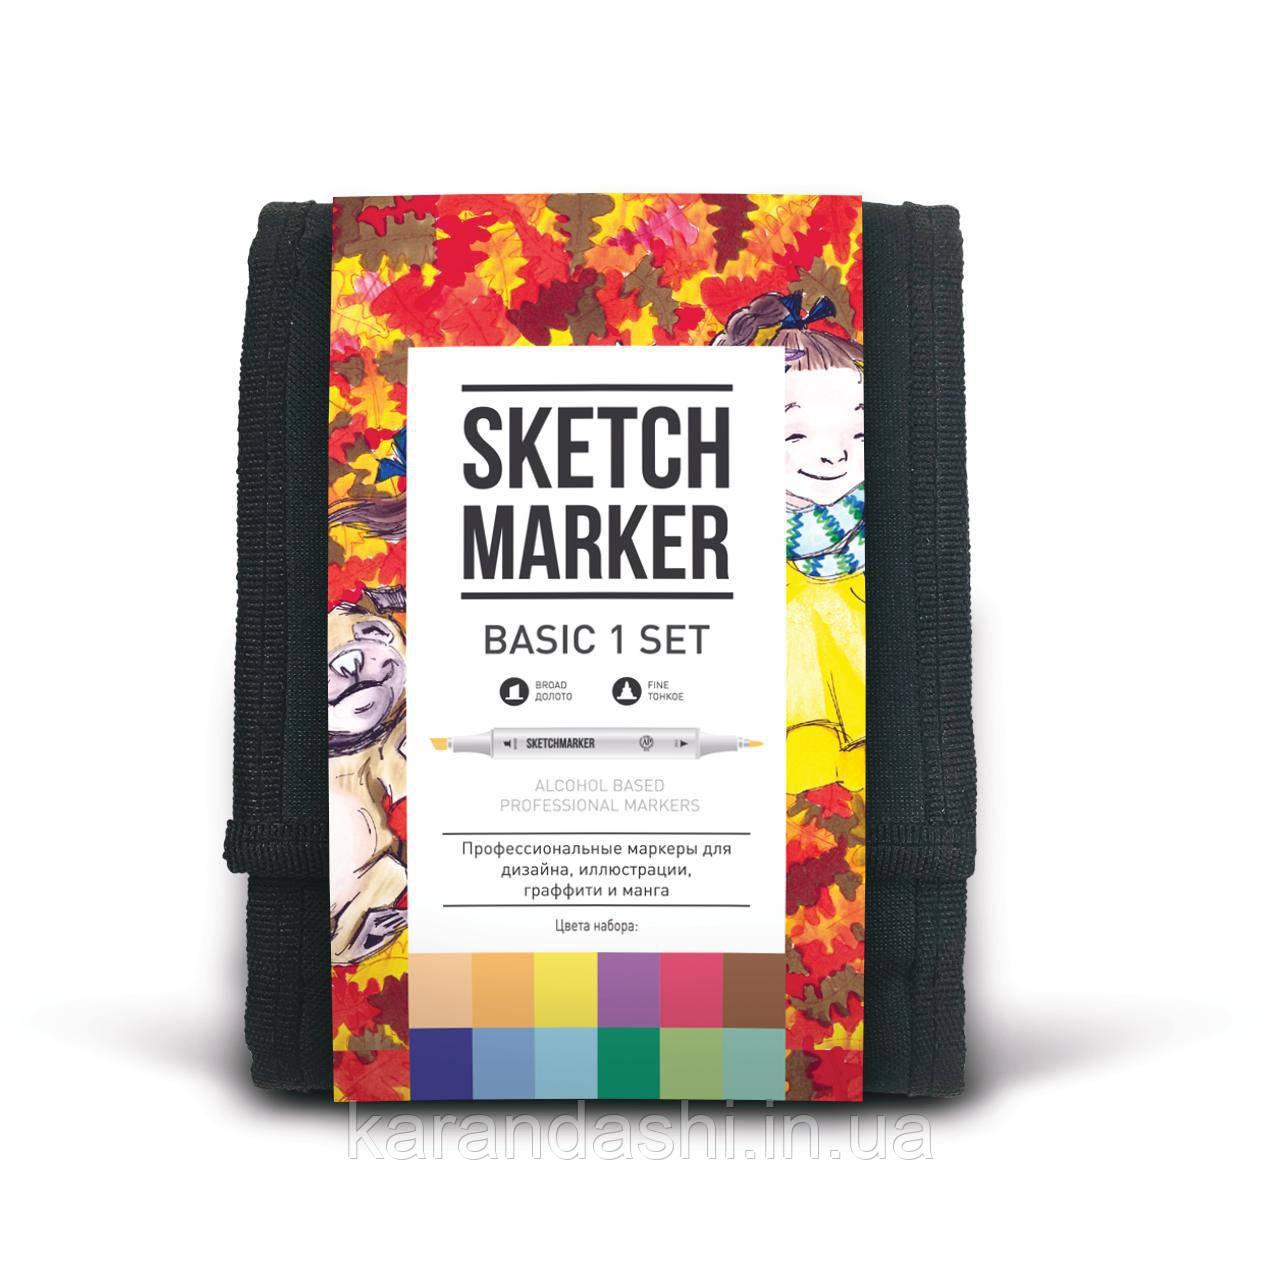 Набор SCETCHMARKER 12цветов тонкий-скошенный Basic Set1 12bas1